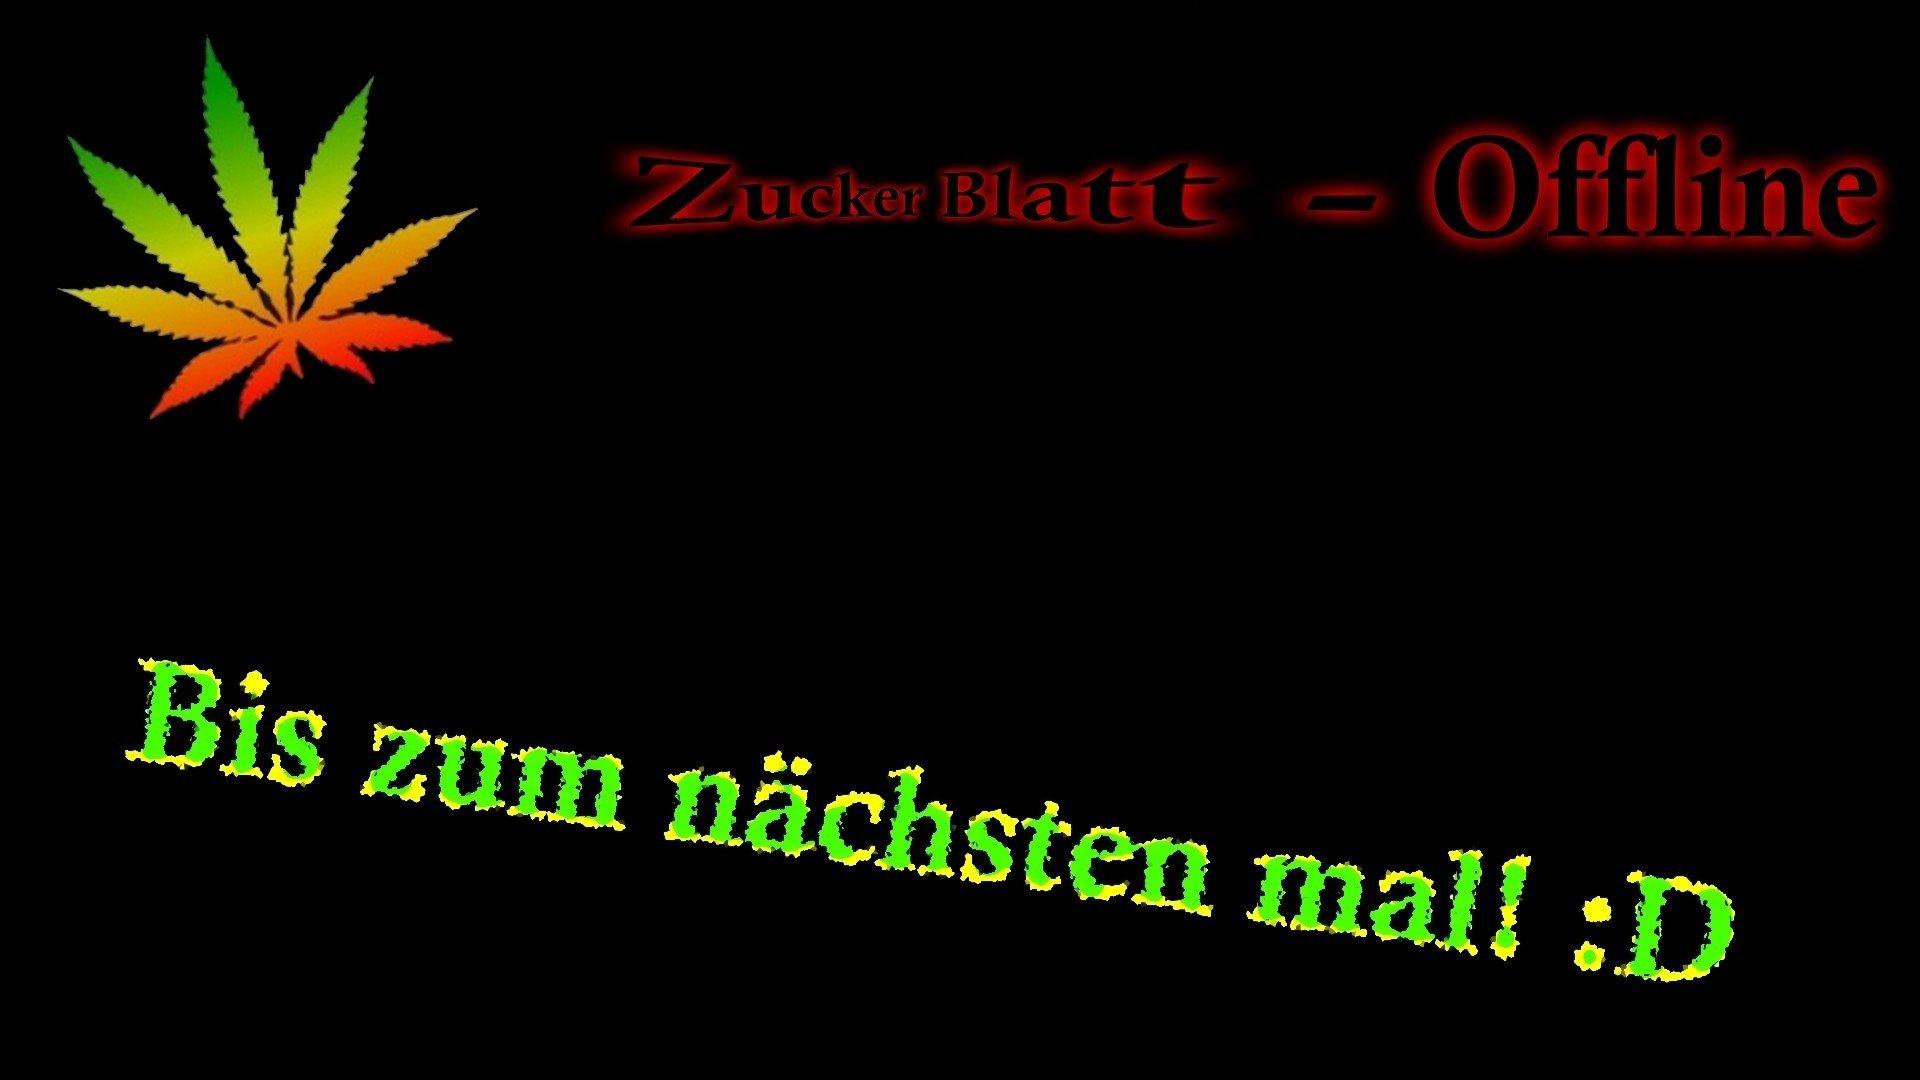 zuck3rbl477